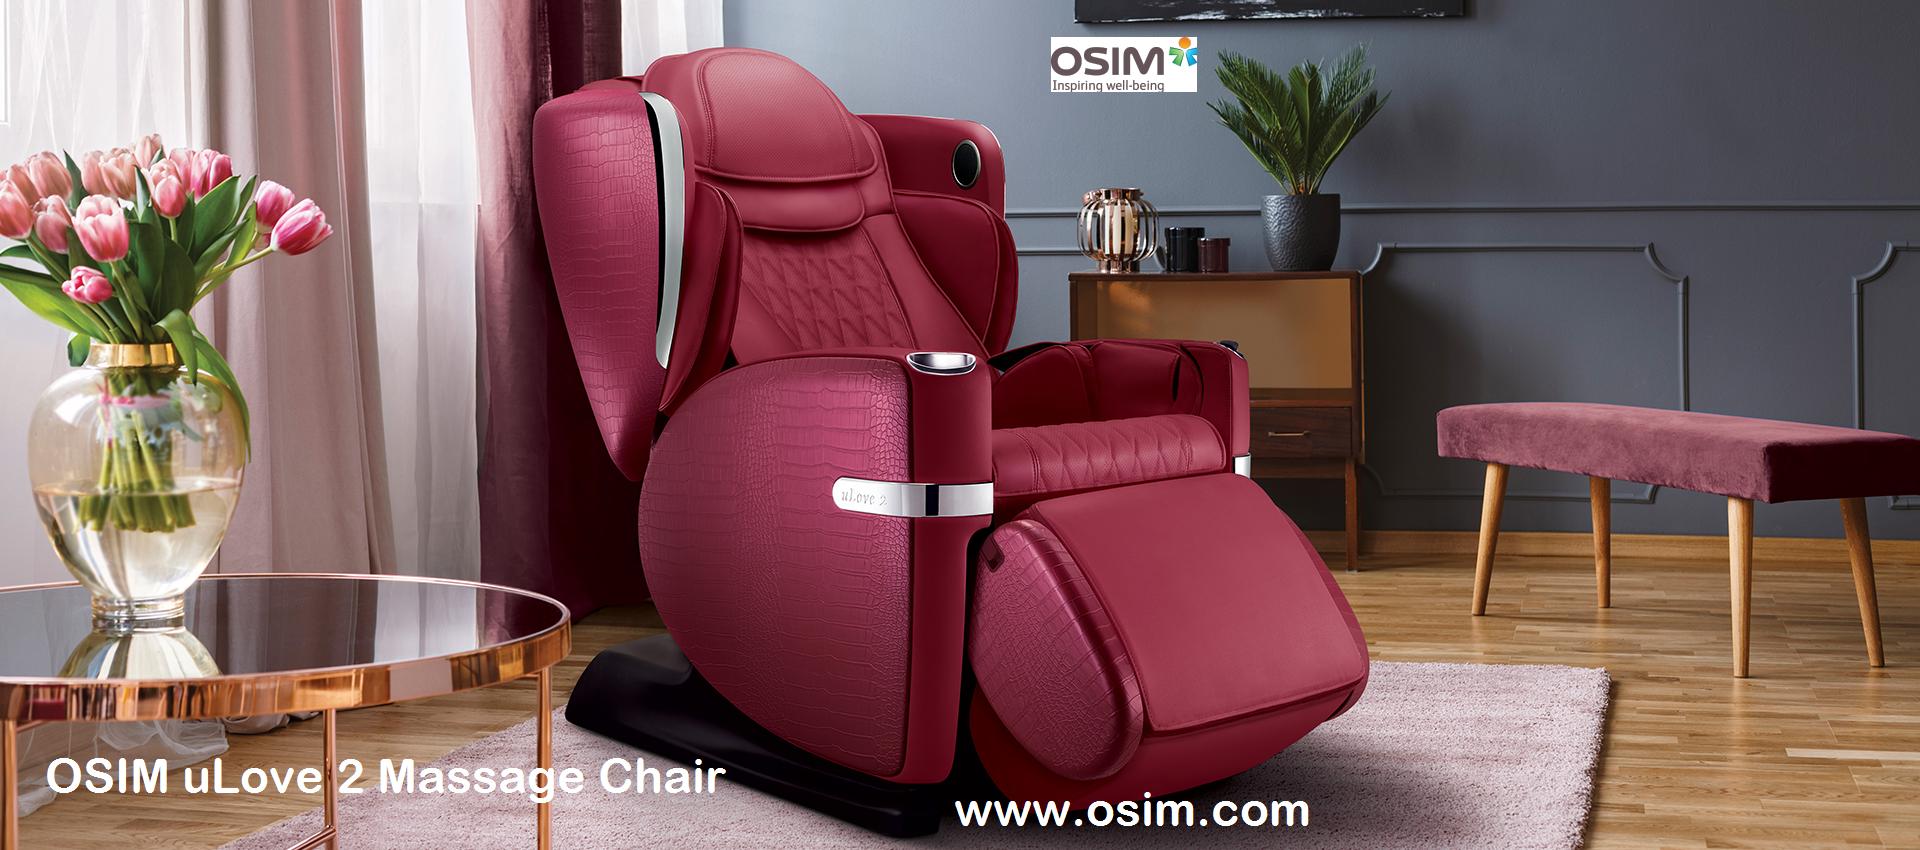 OSIM uLove 2 Massage Chair 4 Hand Massage Chair in 2020